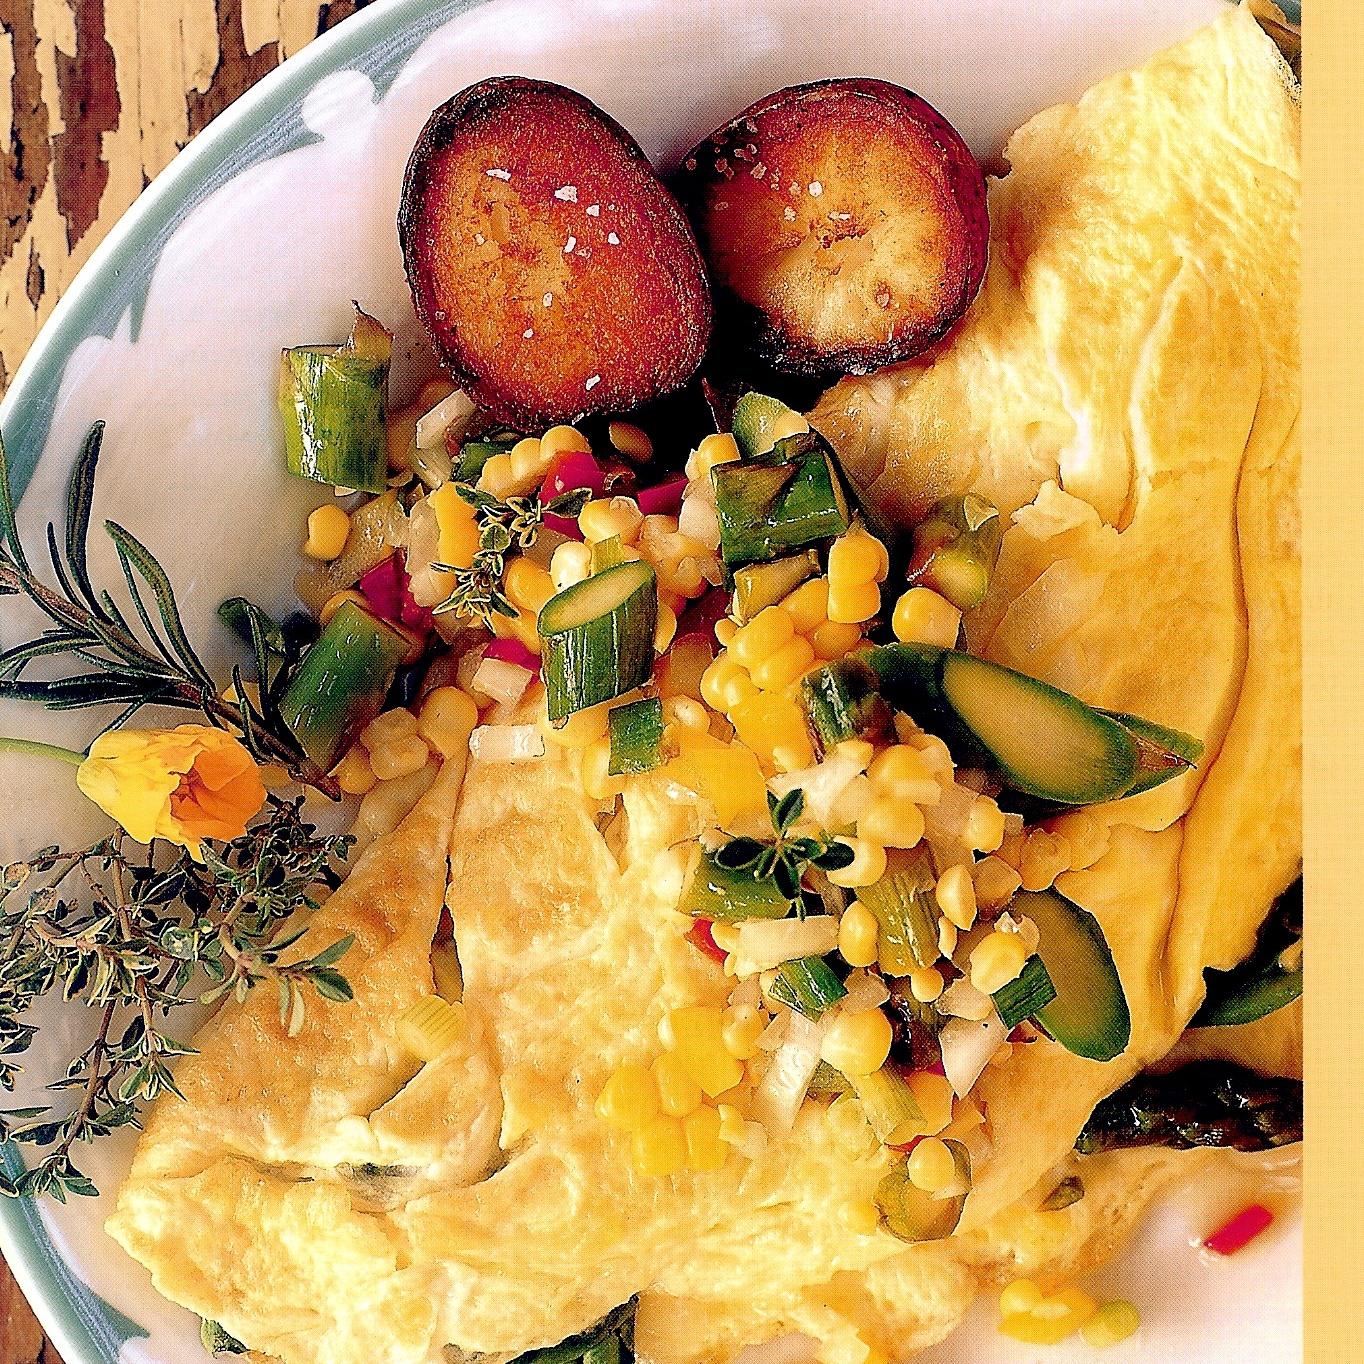 fosters_omelets copy.jpg